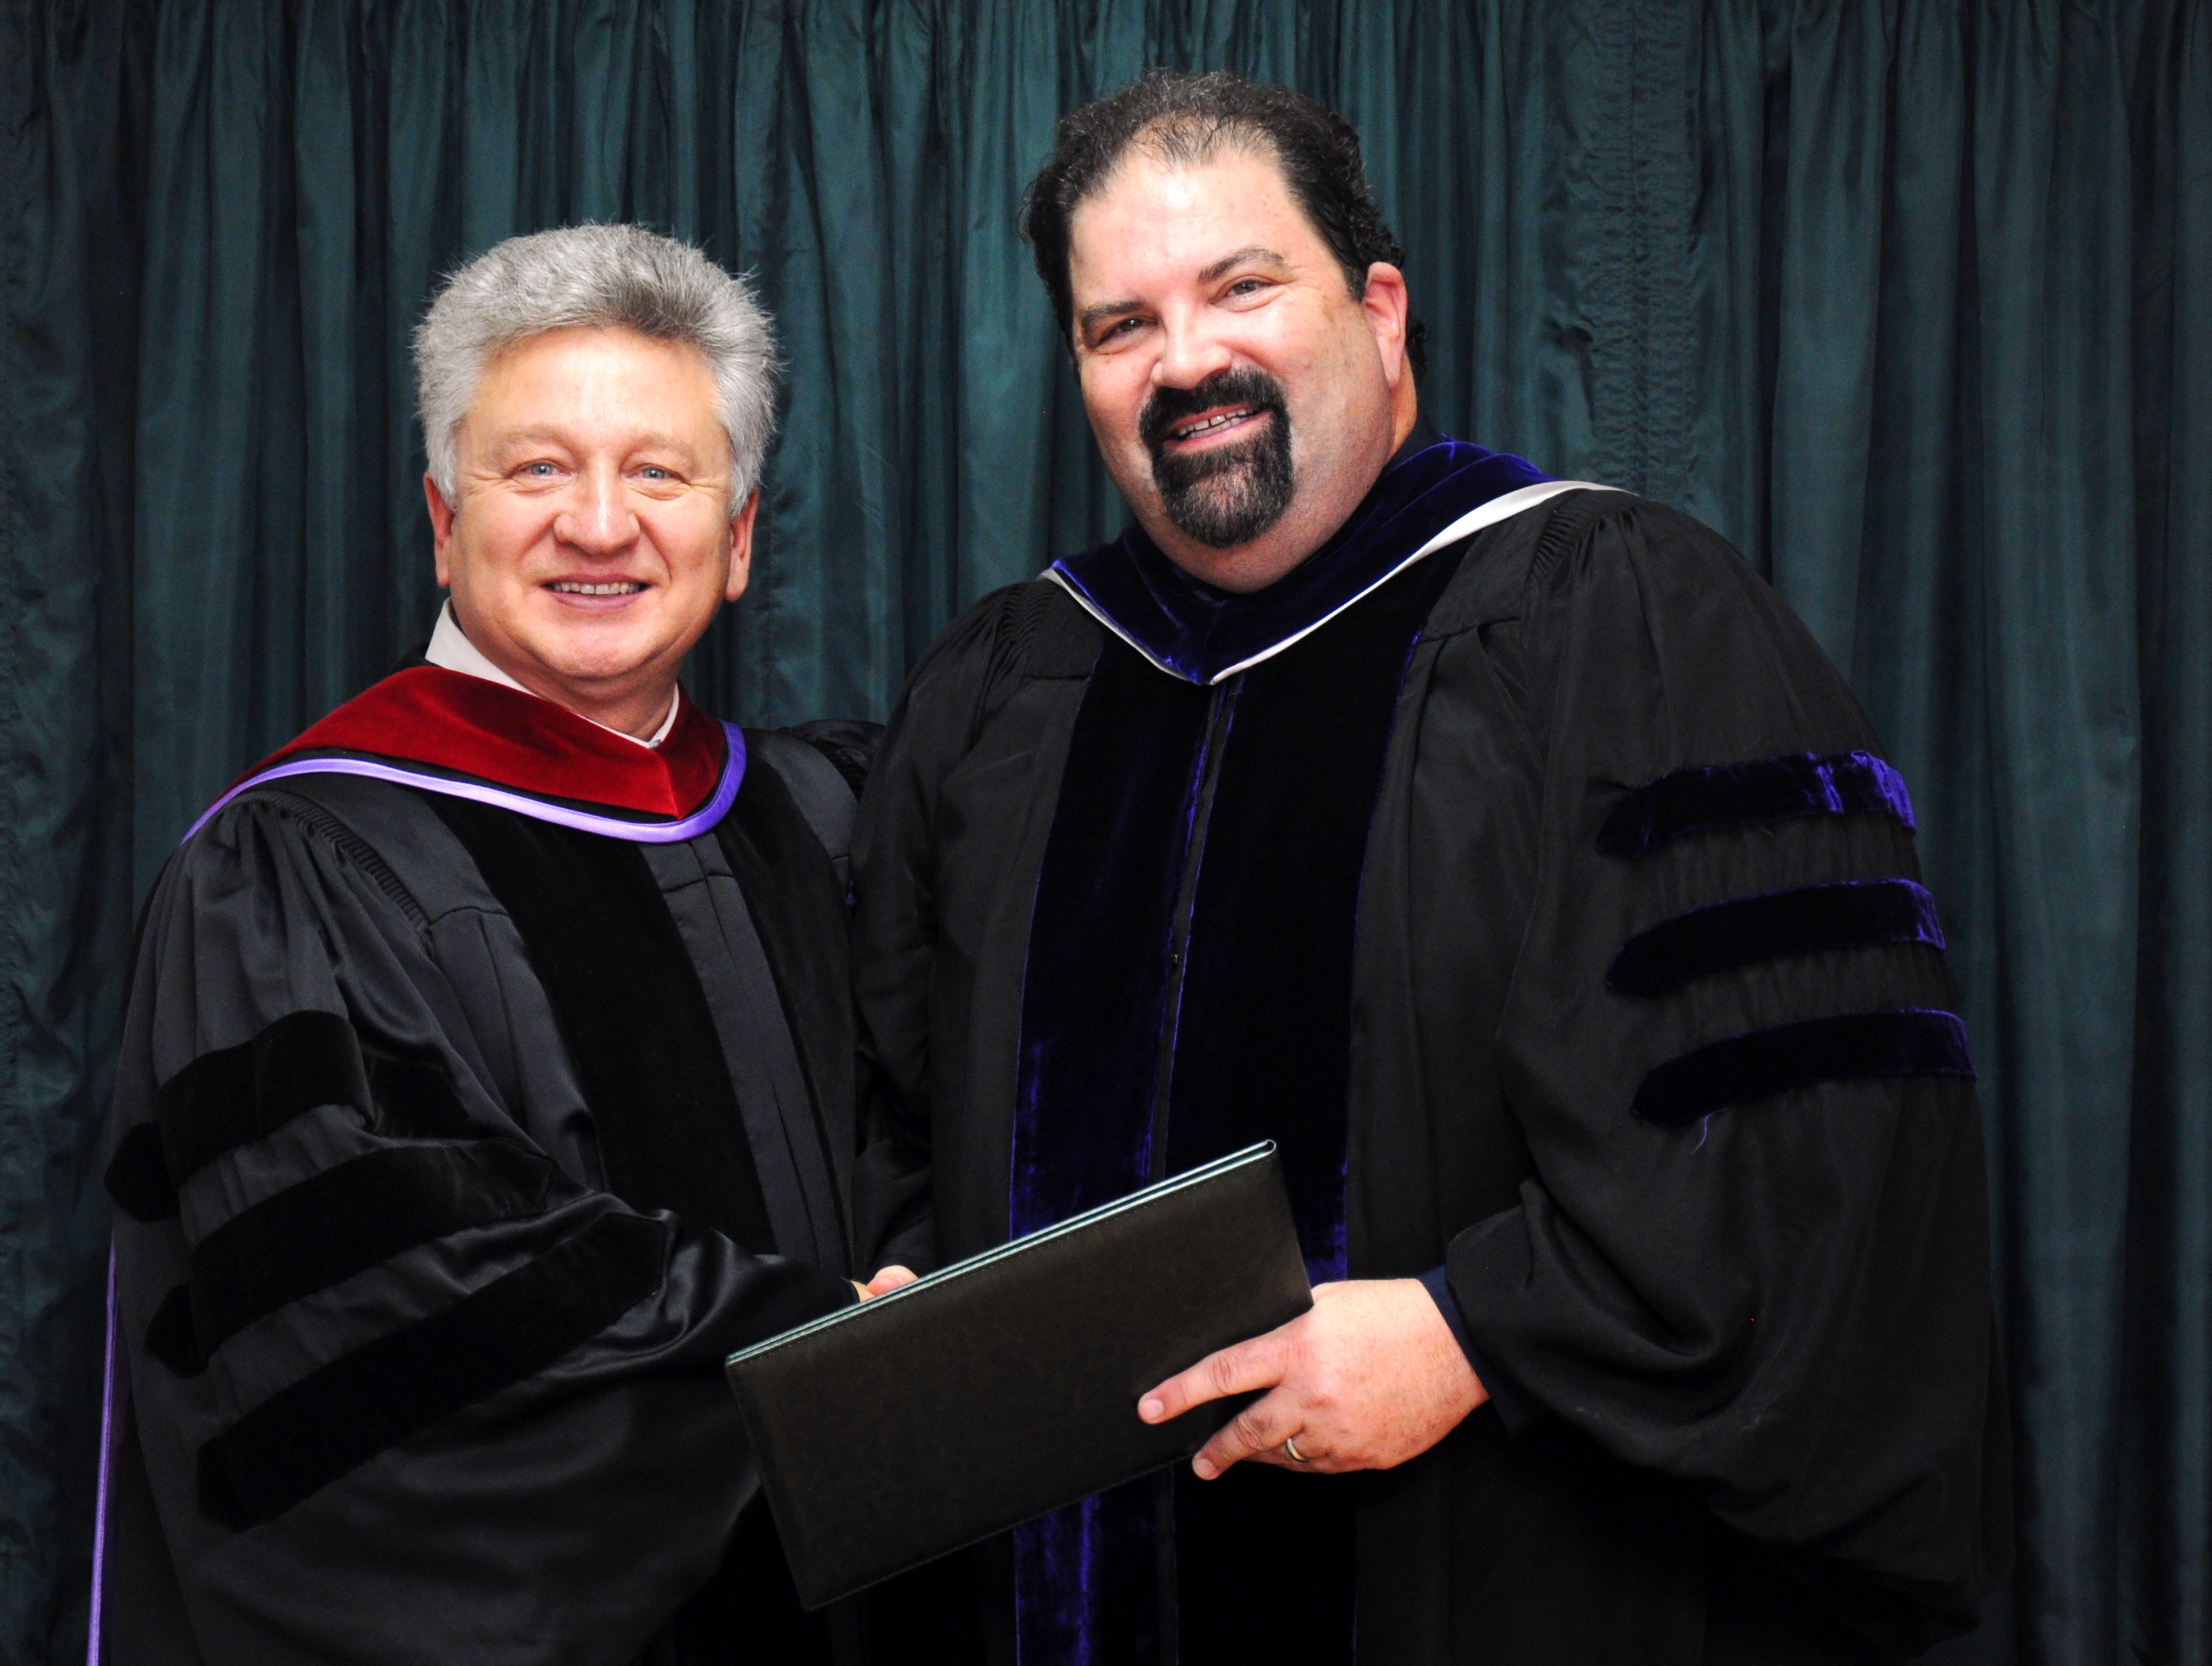 Rev. Dr. Igor & Rev. Dr. Randy